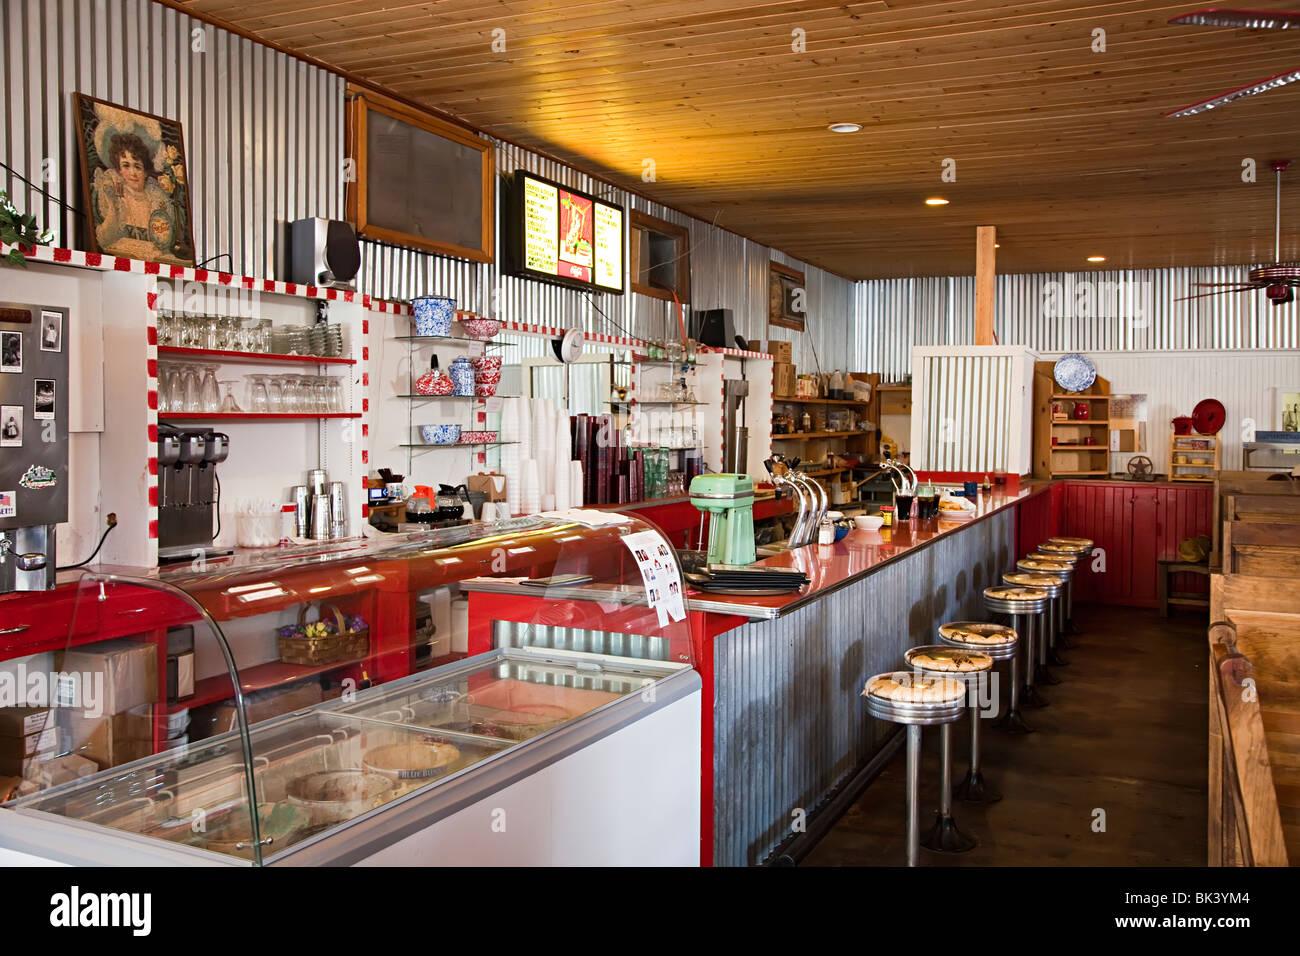 Diner Interior Stockfotos und -bilder Kaufen - Alamy